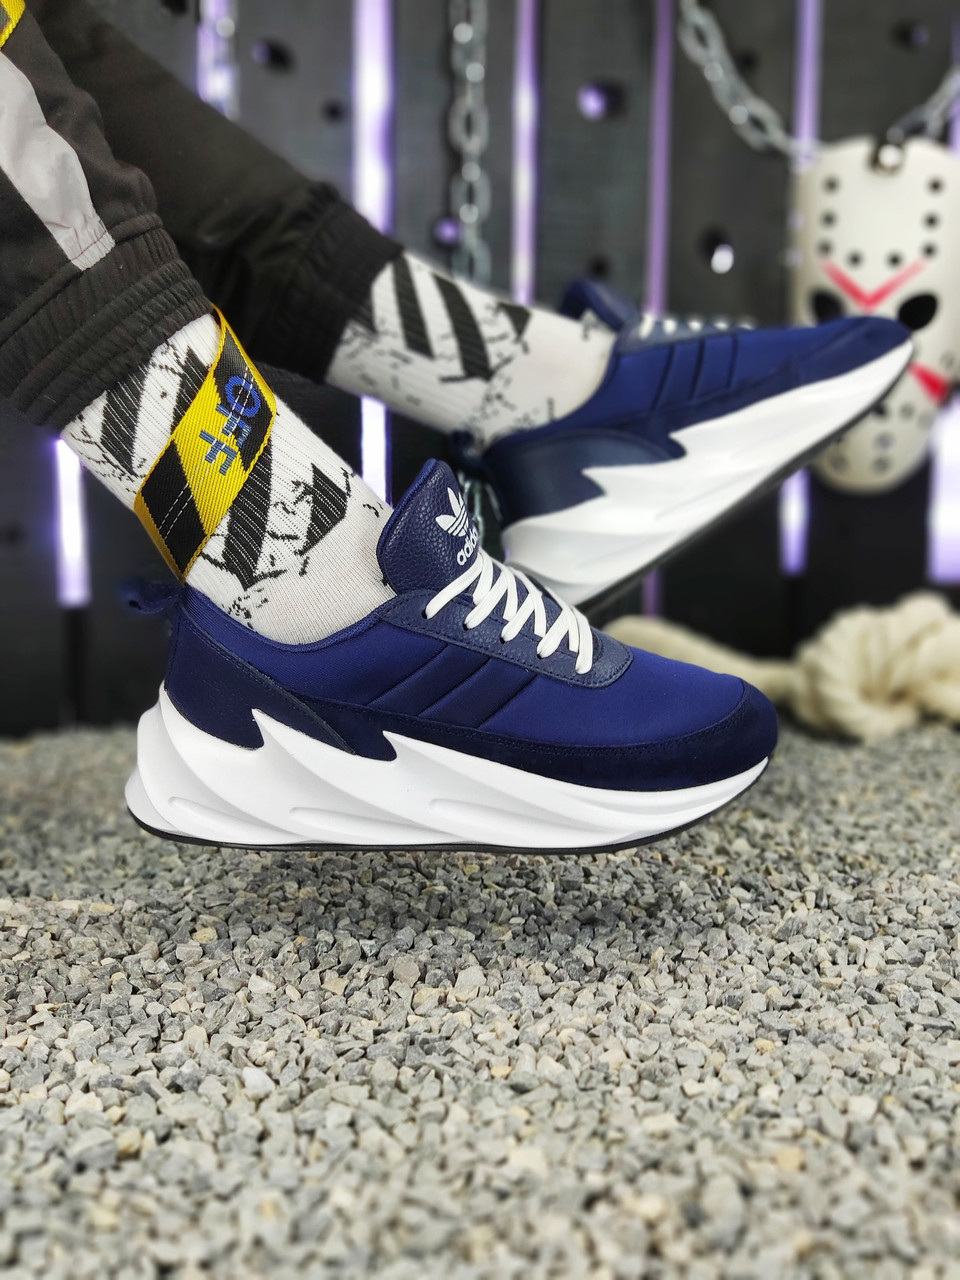 Мужские кроссовки Adidas Sharks Blue/White. [Размеры в наличии: 42,43,44,45]